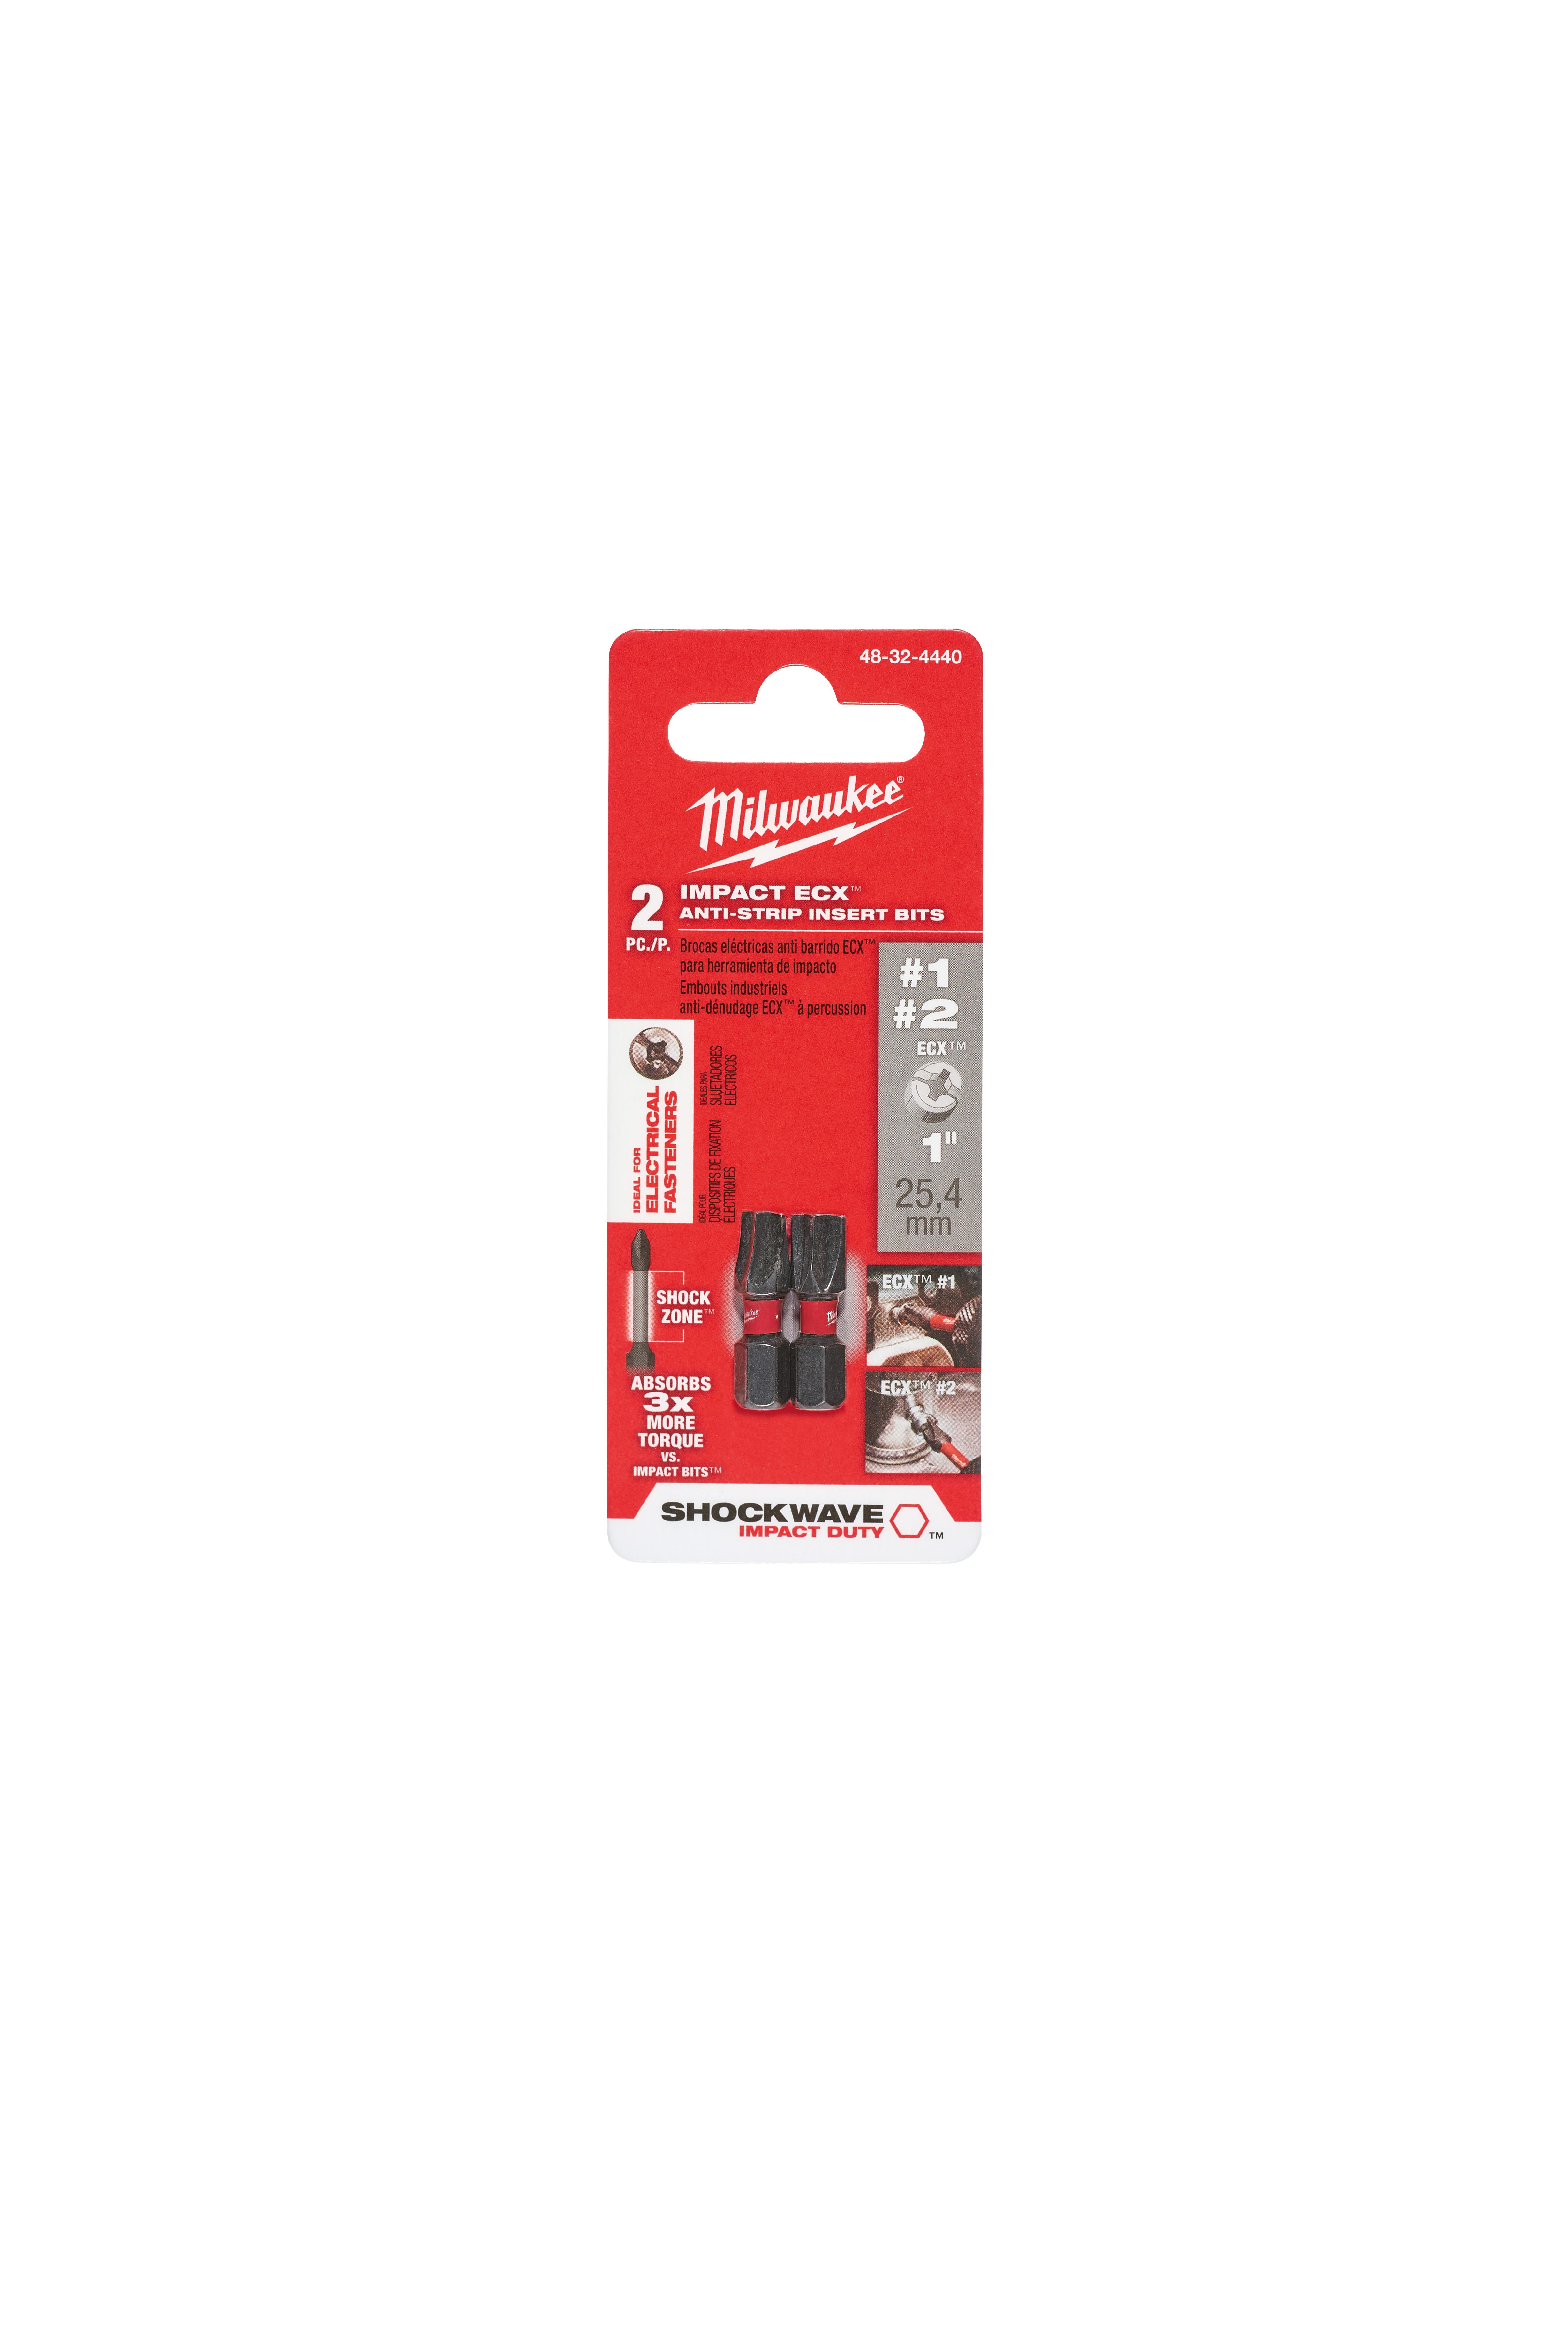 Milwaukee® SHOCKWAVE™ 48-32-4440 Anti-Strip Impact Driver Bit, ECX1/ECX2, 1 in OAL, 1/4 in, Steel